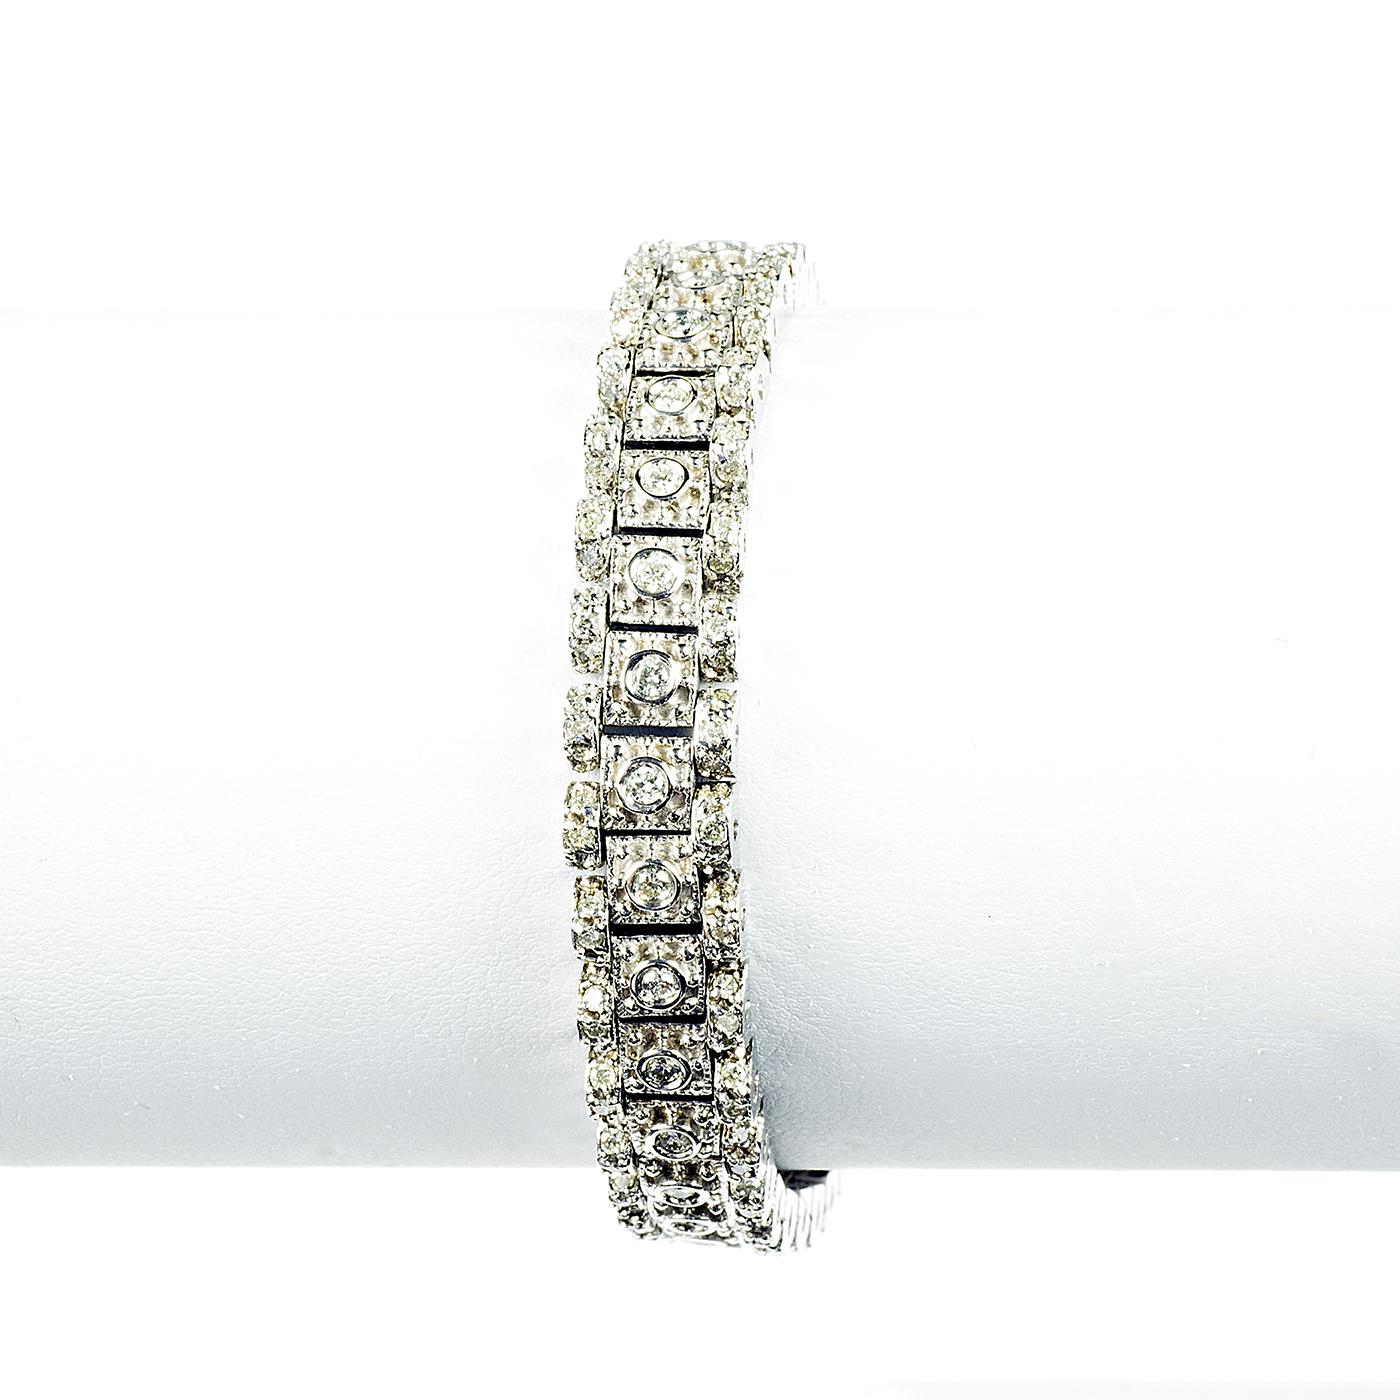 Pulsera en Oro Blanco, articulada, con 99 Diamantes Naturales talla Brillante de 3,99 ct. (I-L/SI1). 36,44 gr.